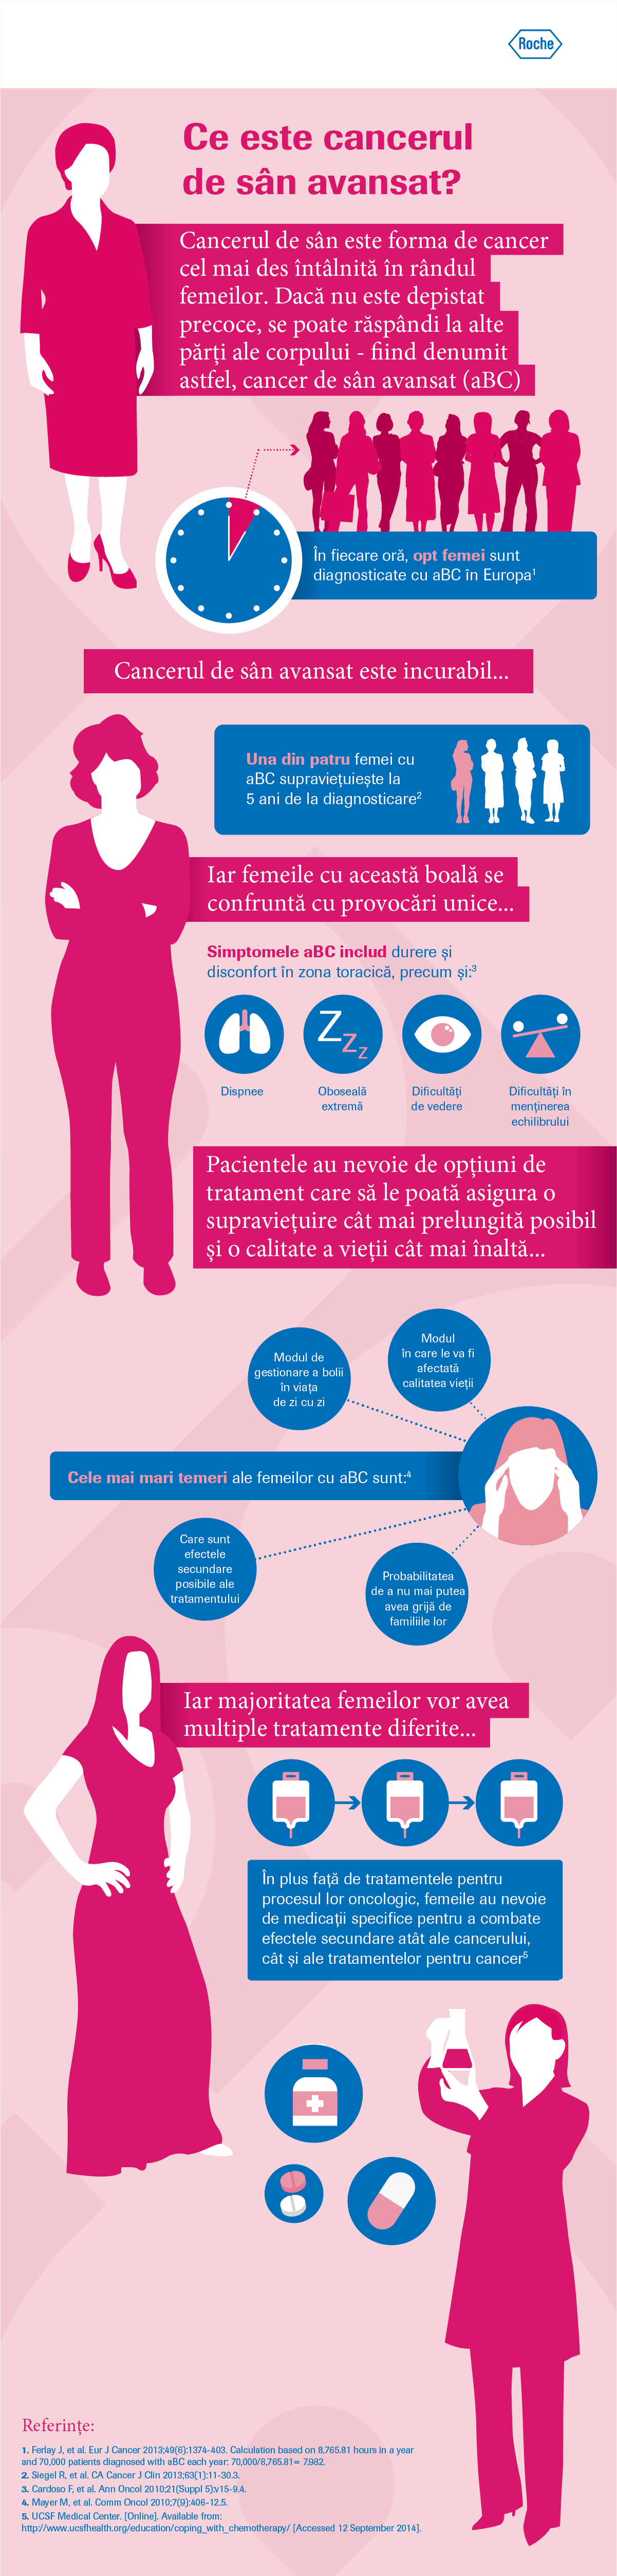 Cancerul, tumori maligne